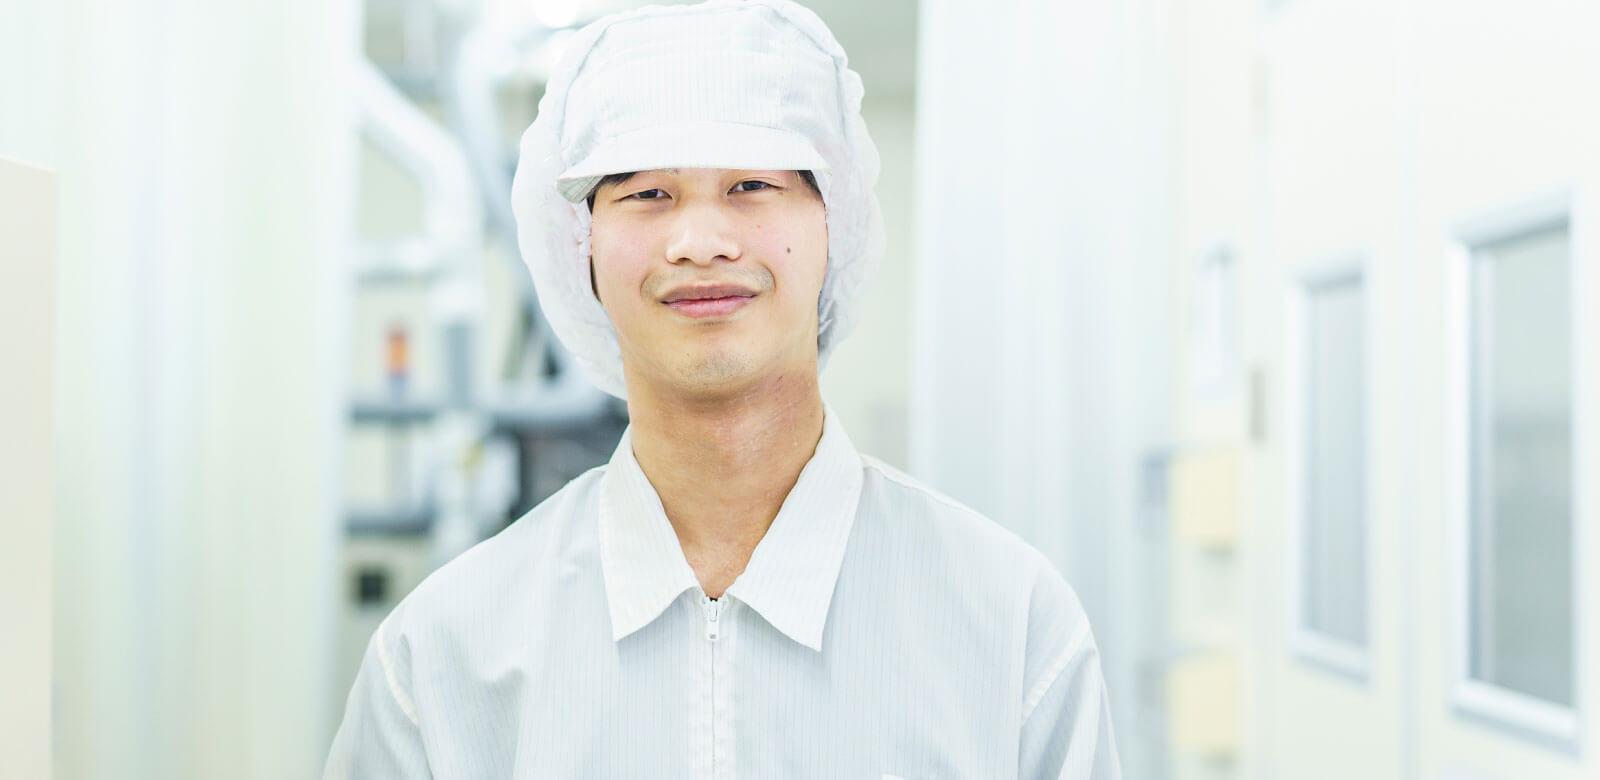 クリーンスーツを着た男性スタッフの正面写真